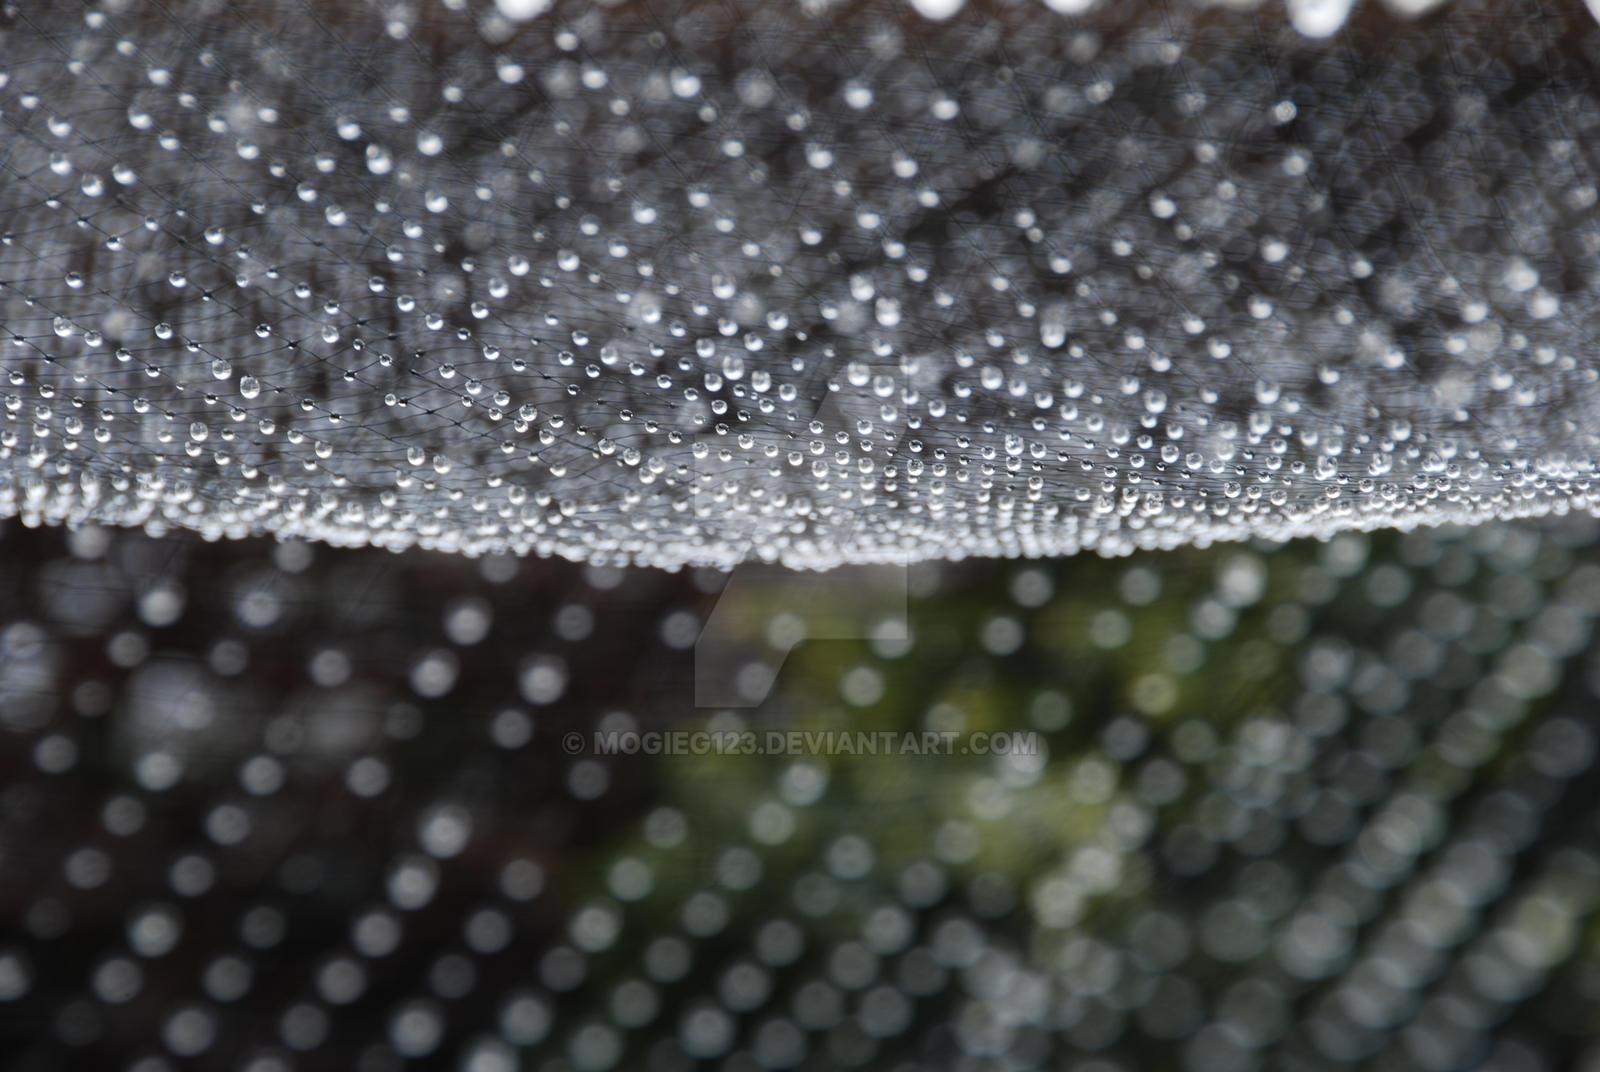 Very wet netting